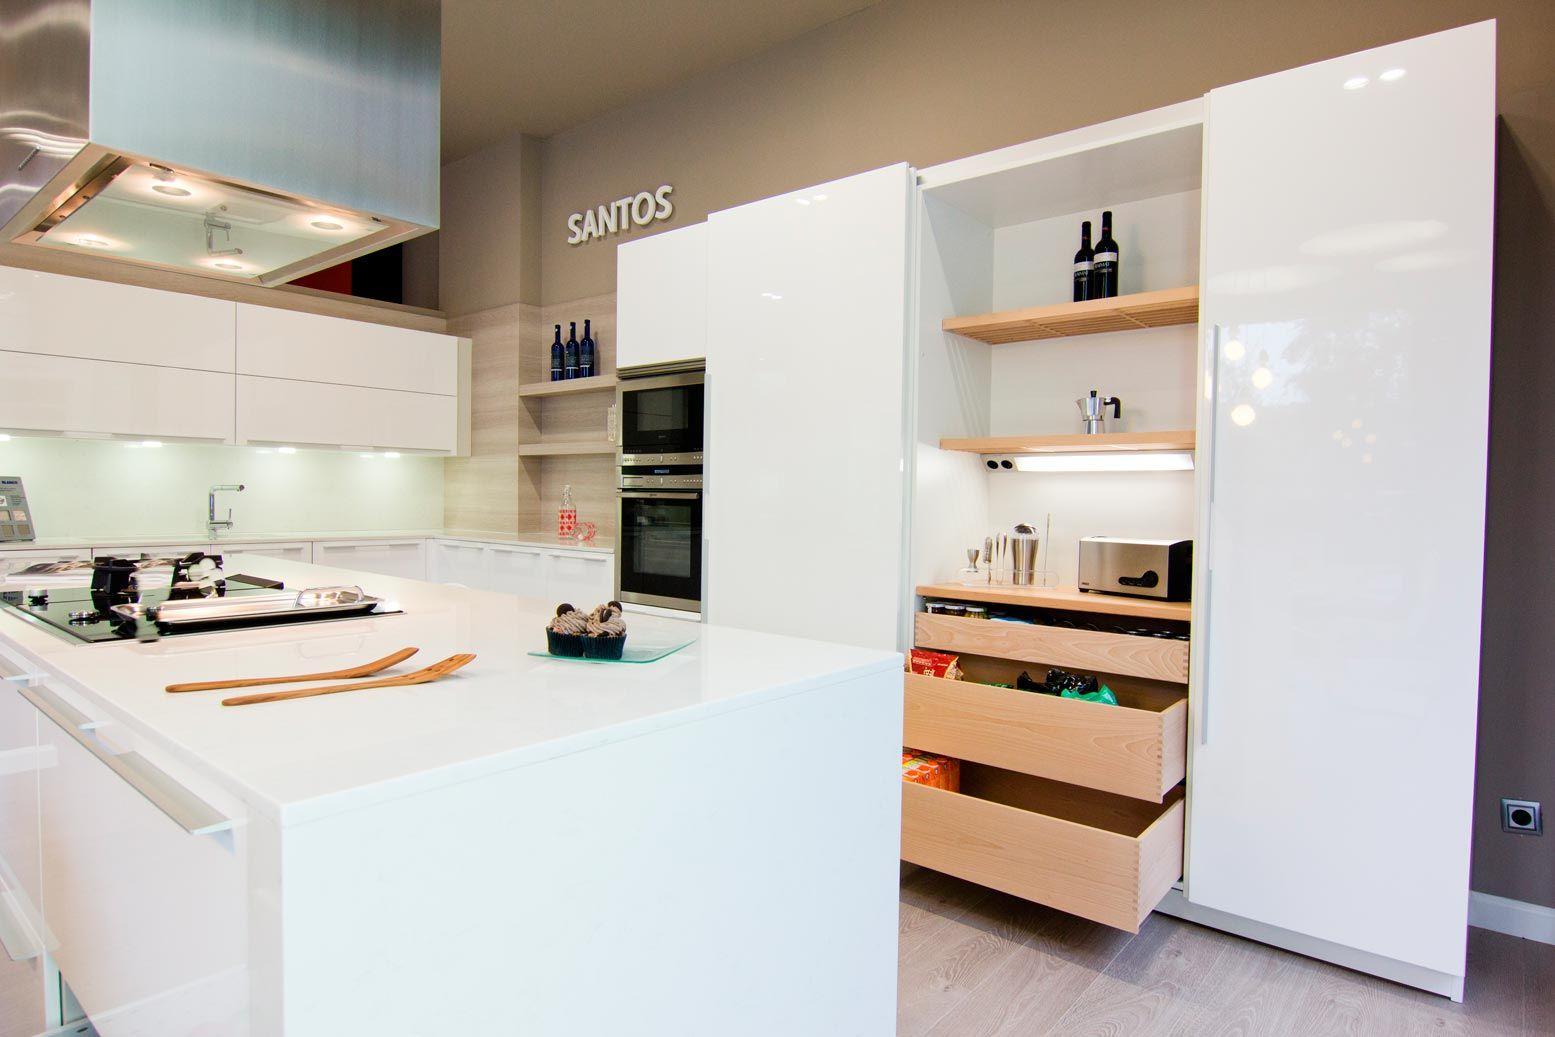 Puedes equipar tu cocina con electrodom sticos neff en for Cocinas completas con electrodomesticos